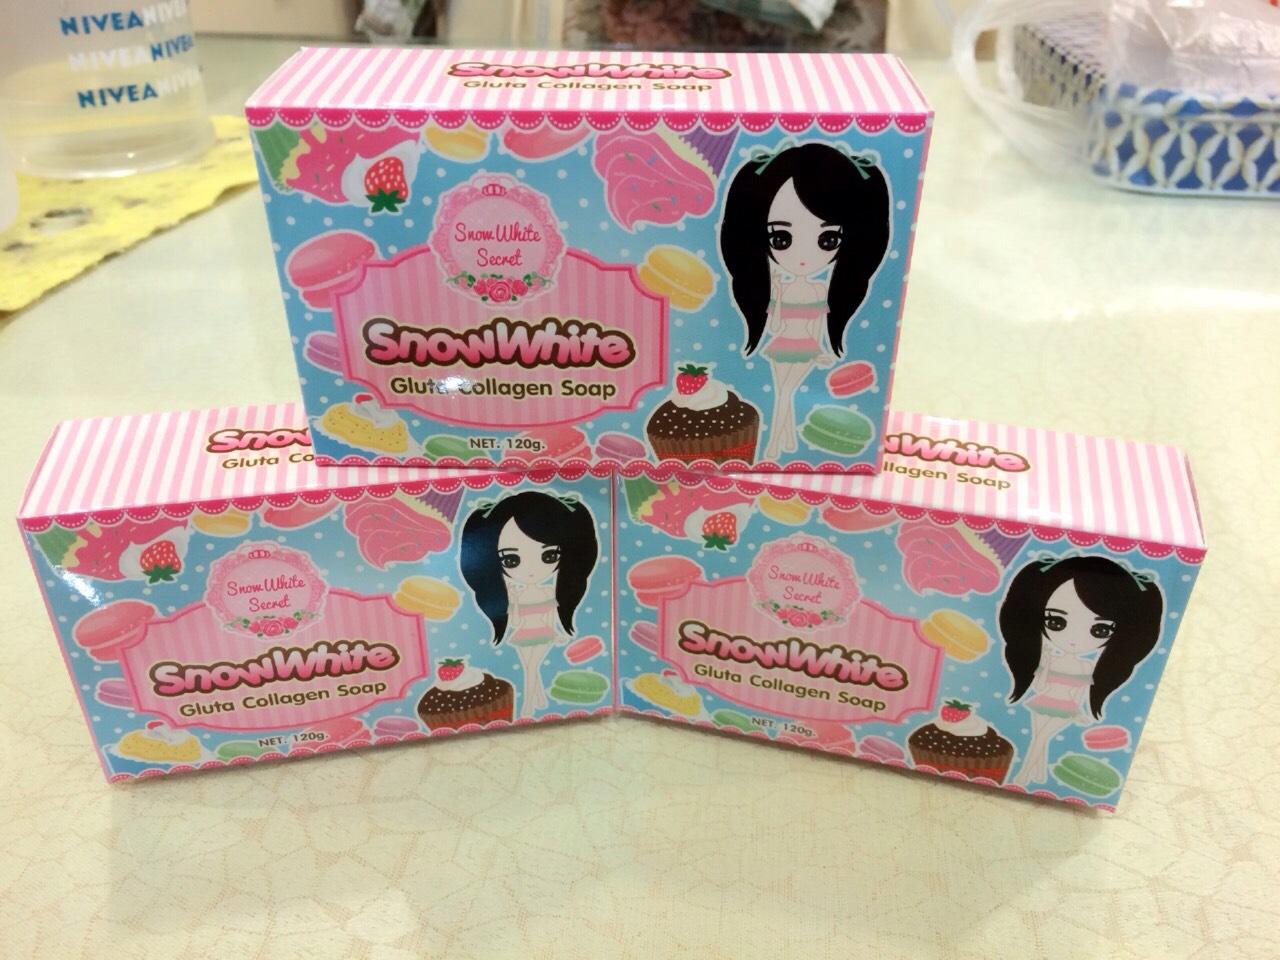 สบู่กลูต้าคอลลาเจน (snowwhite gluta collagen soap)